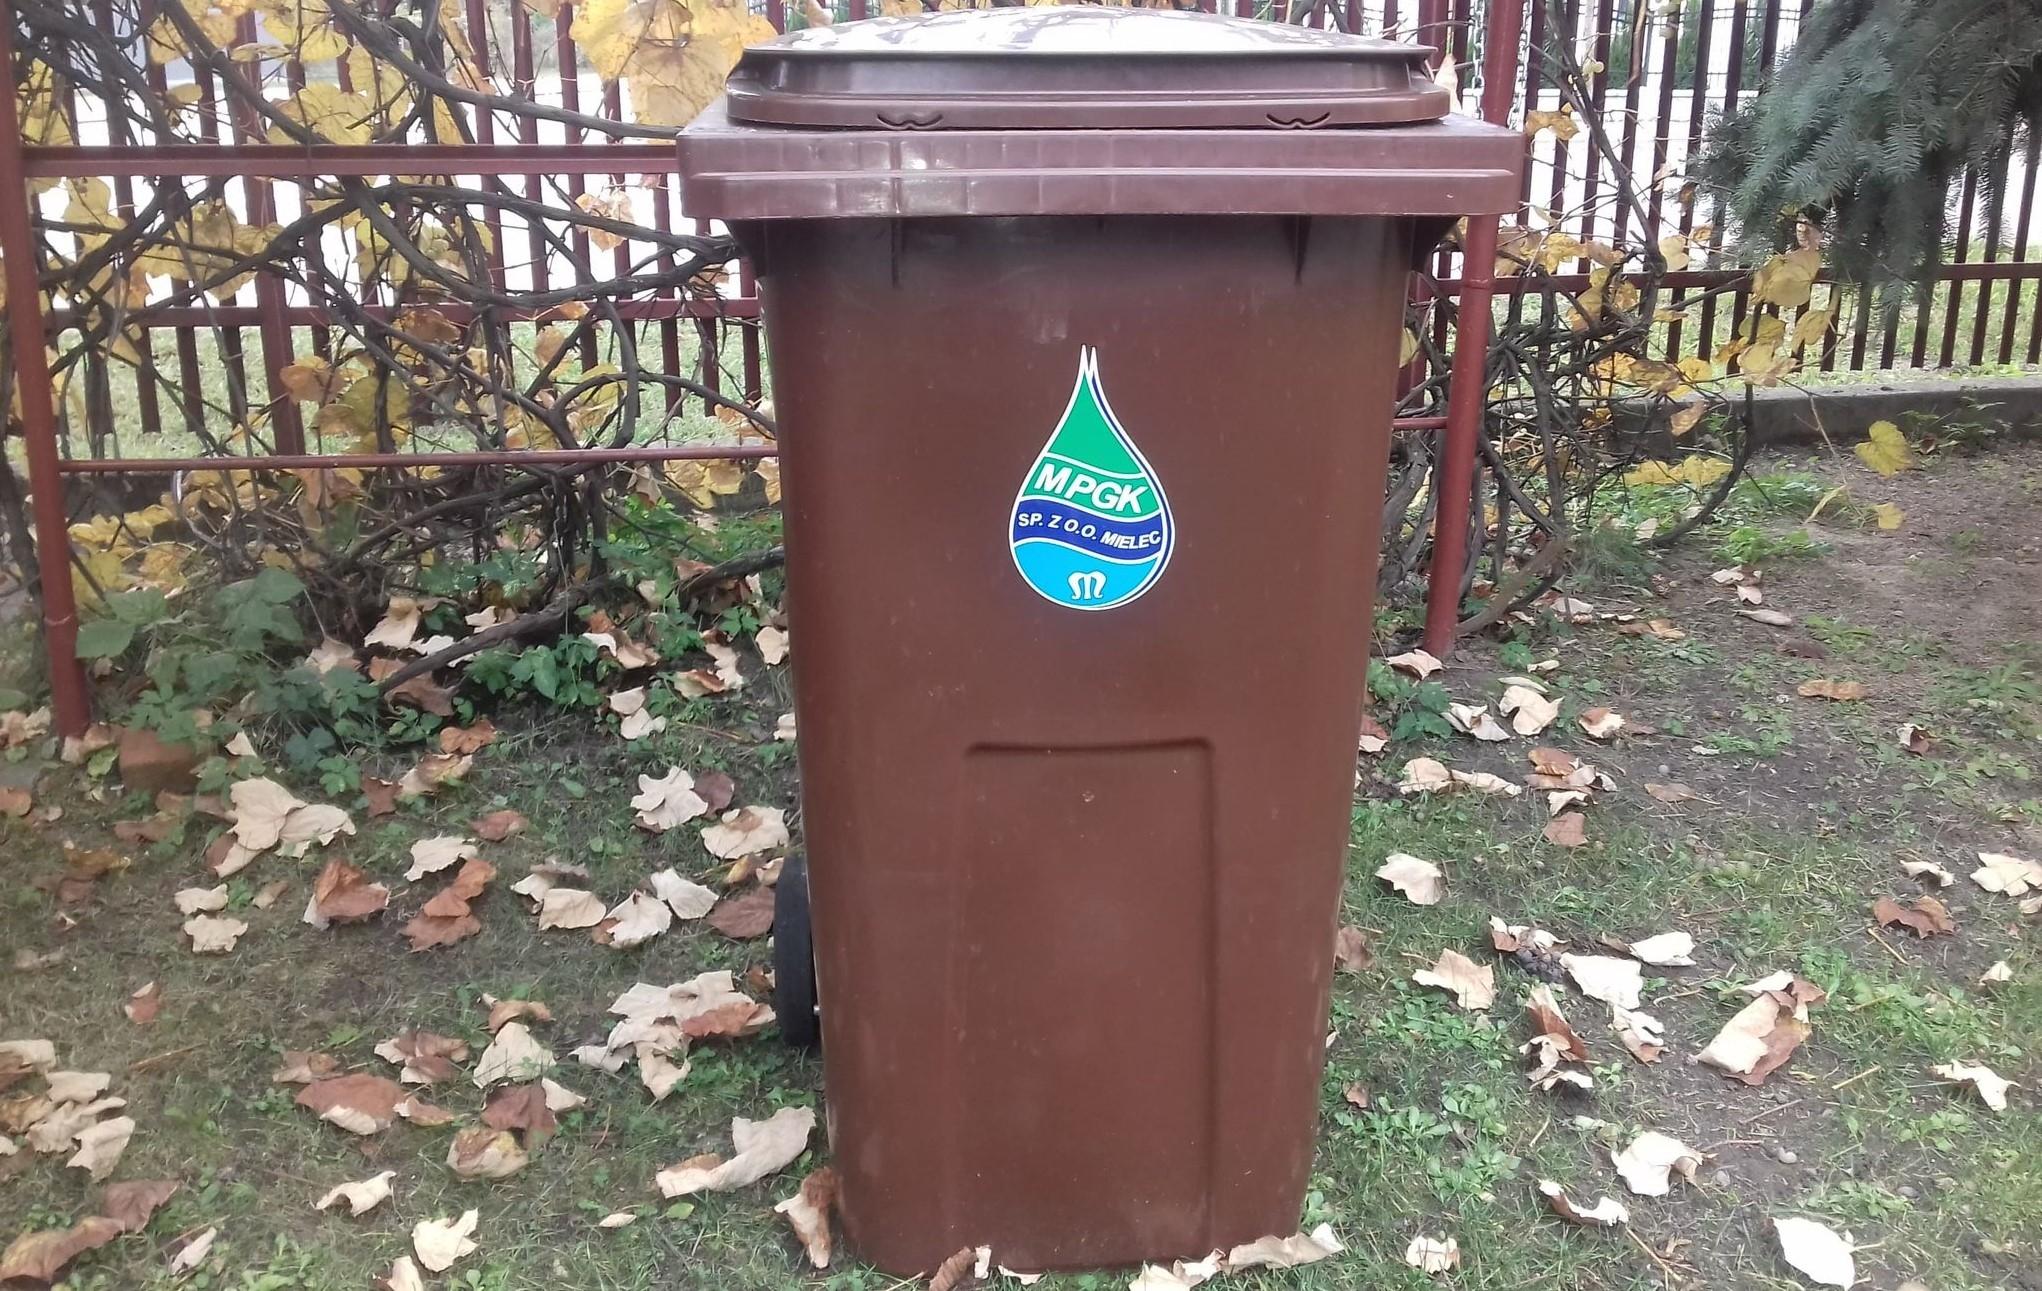 Jest zmiana. Odpady zielone będą nadal odbierane raz na tydzień  - Zdjęcie główne